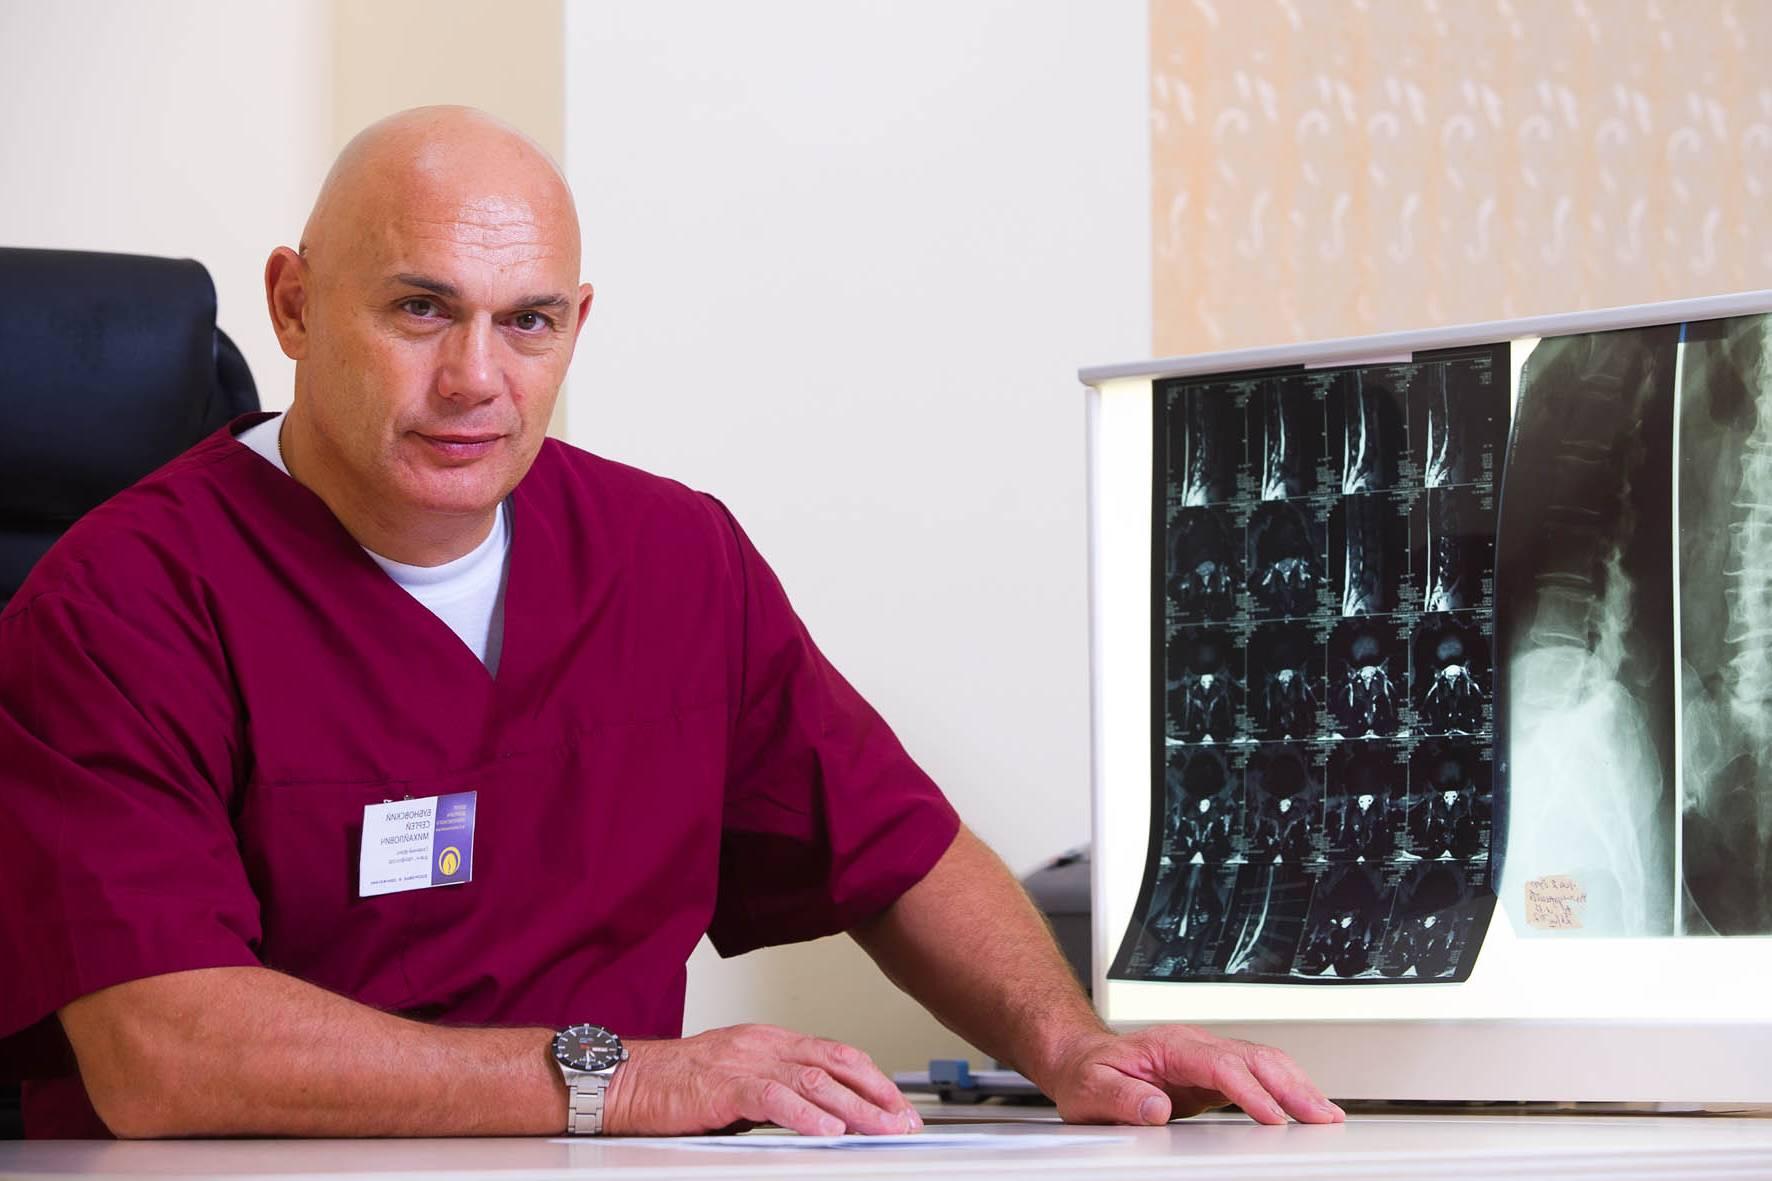 Большинство пациентов на сегодня прибегают к данной методологии, которая является невероятно действенной и достаточно продуктивной